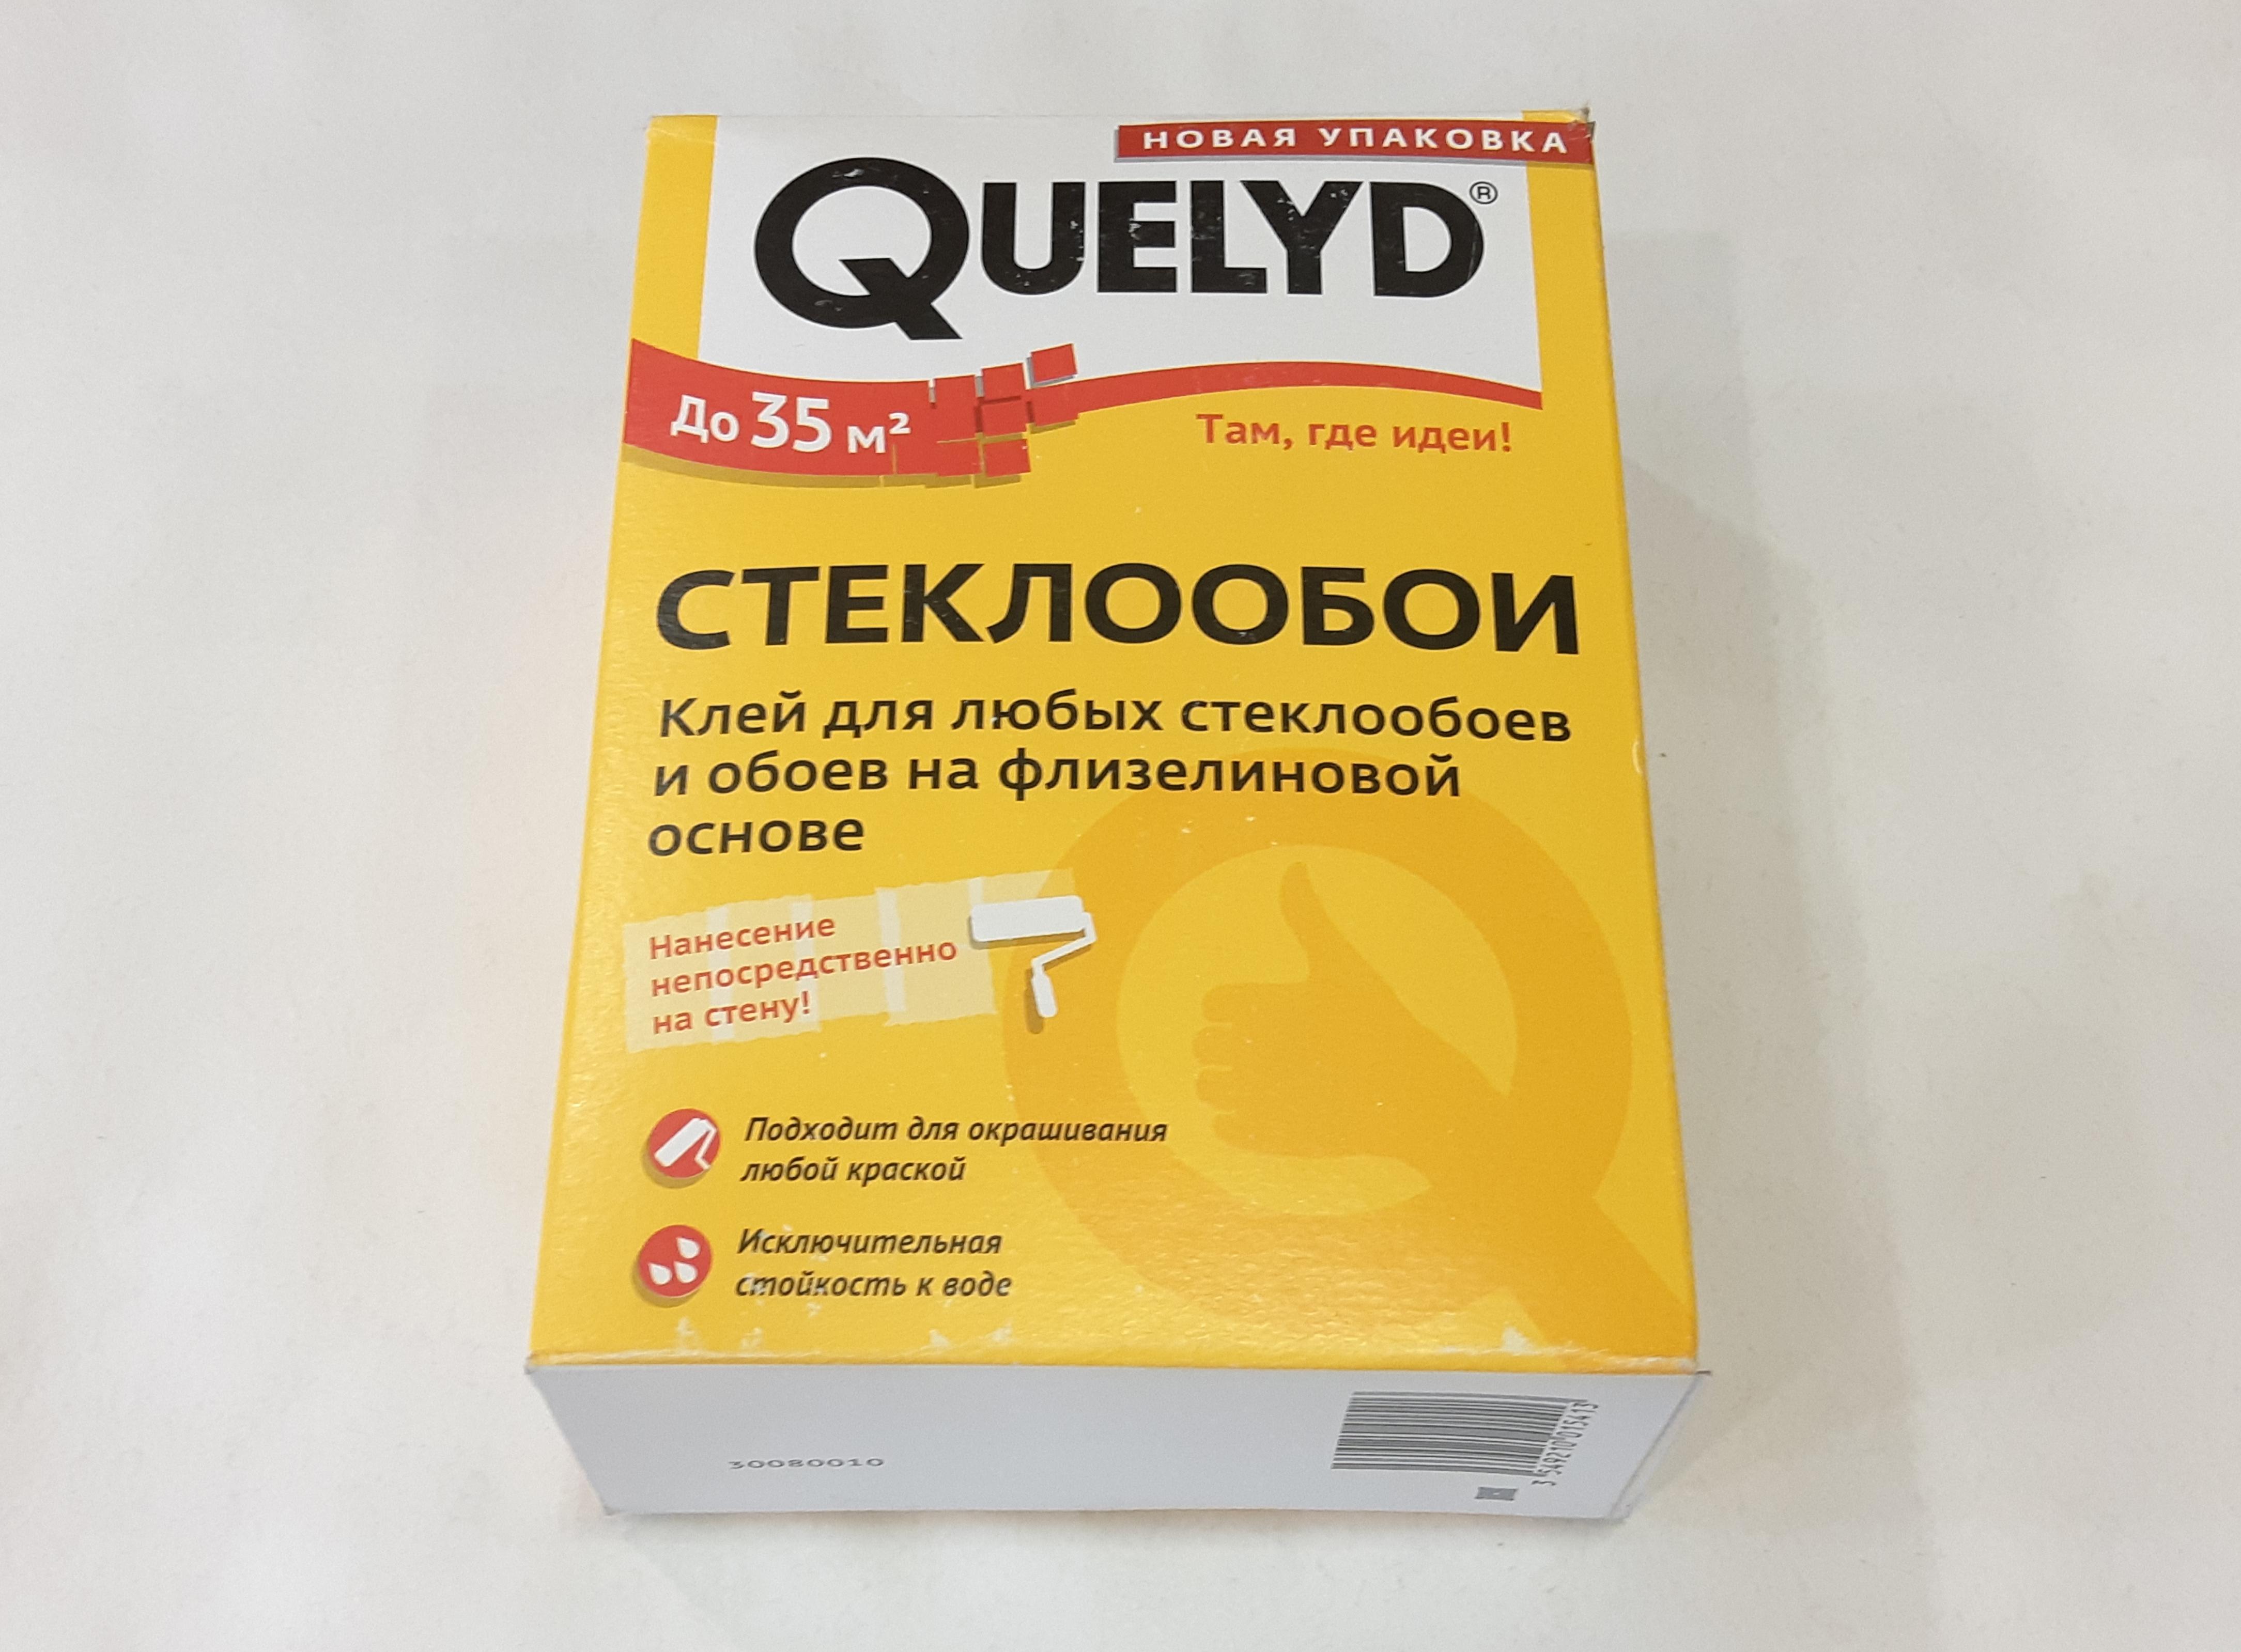 клей Quelyd стеклообои и флизелин